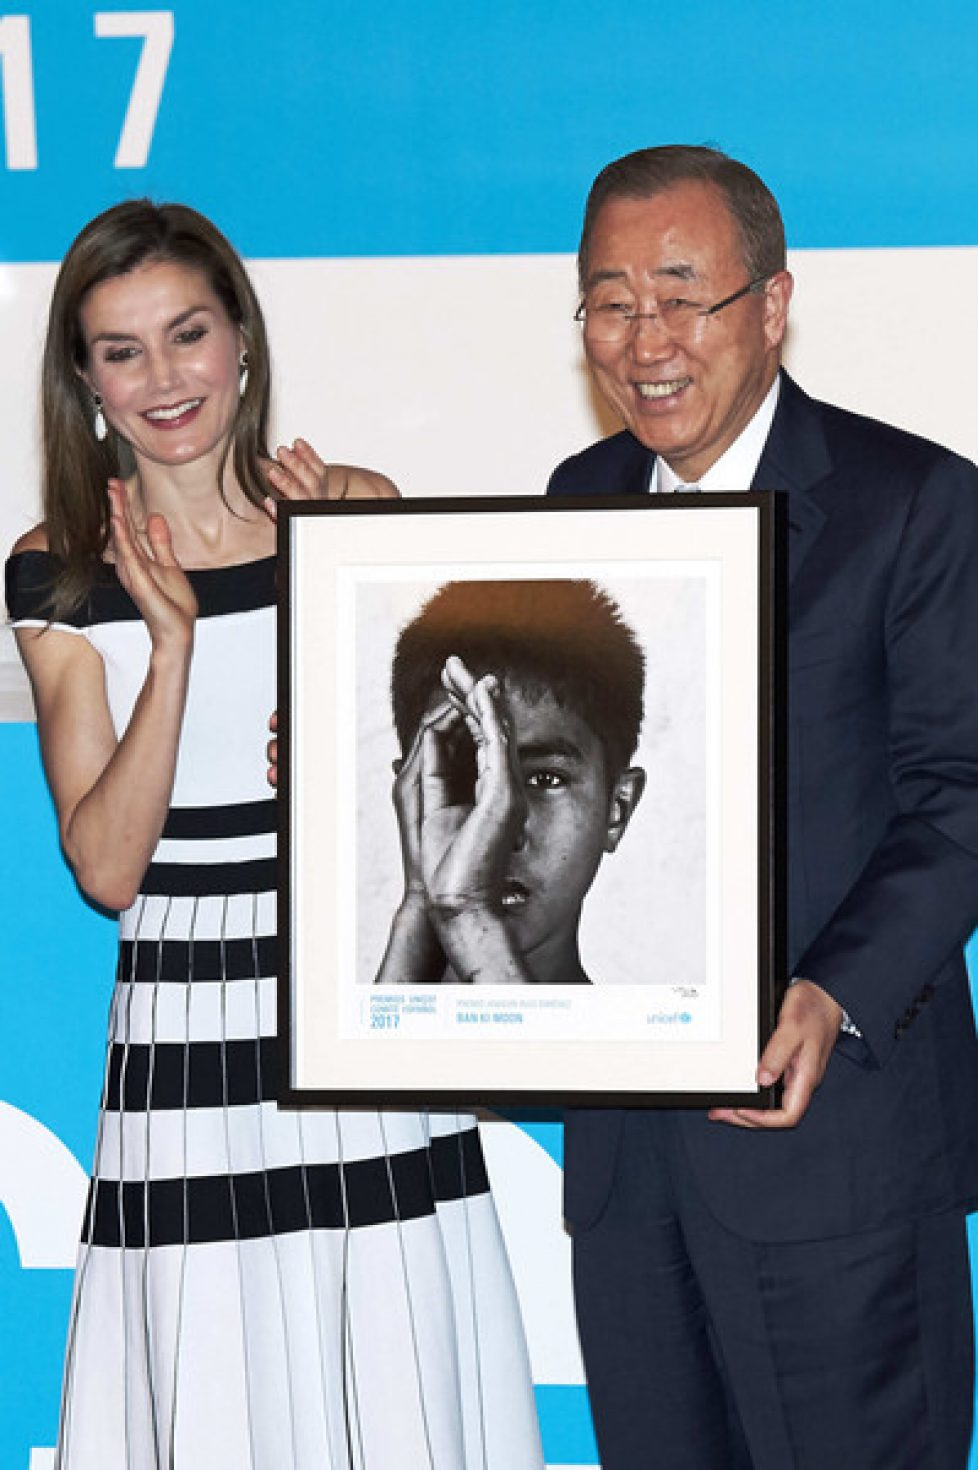 Spanish+Royals+Deliver+UNICEF+Awards+2017+sw001tEadnEl